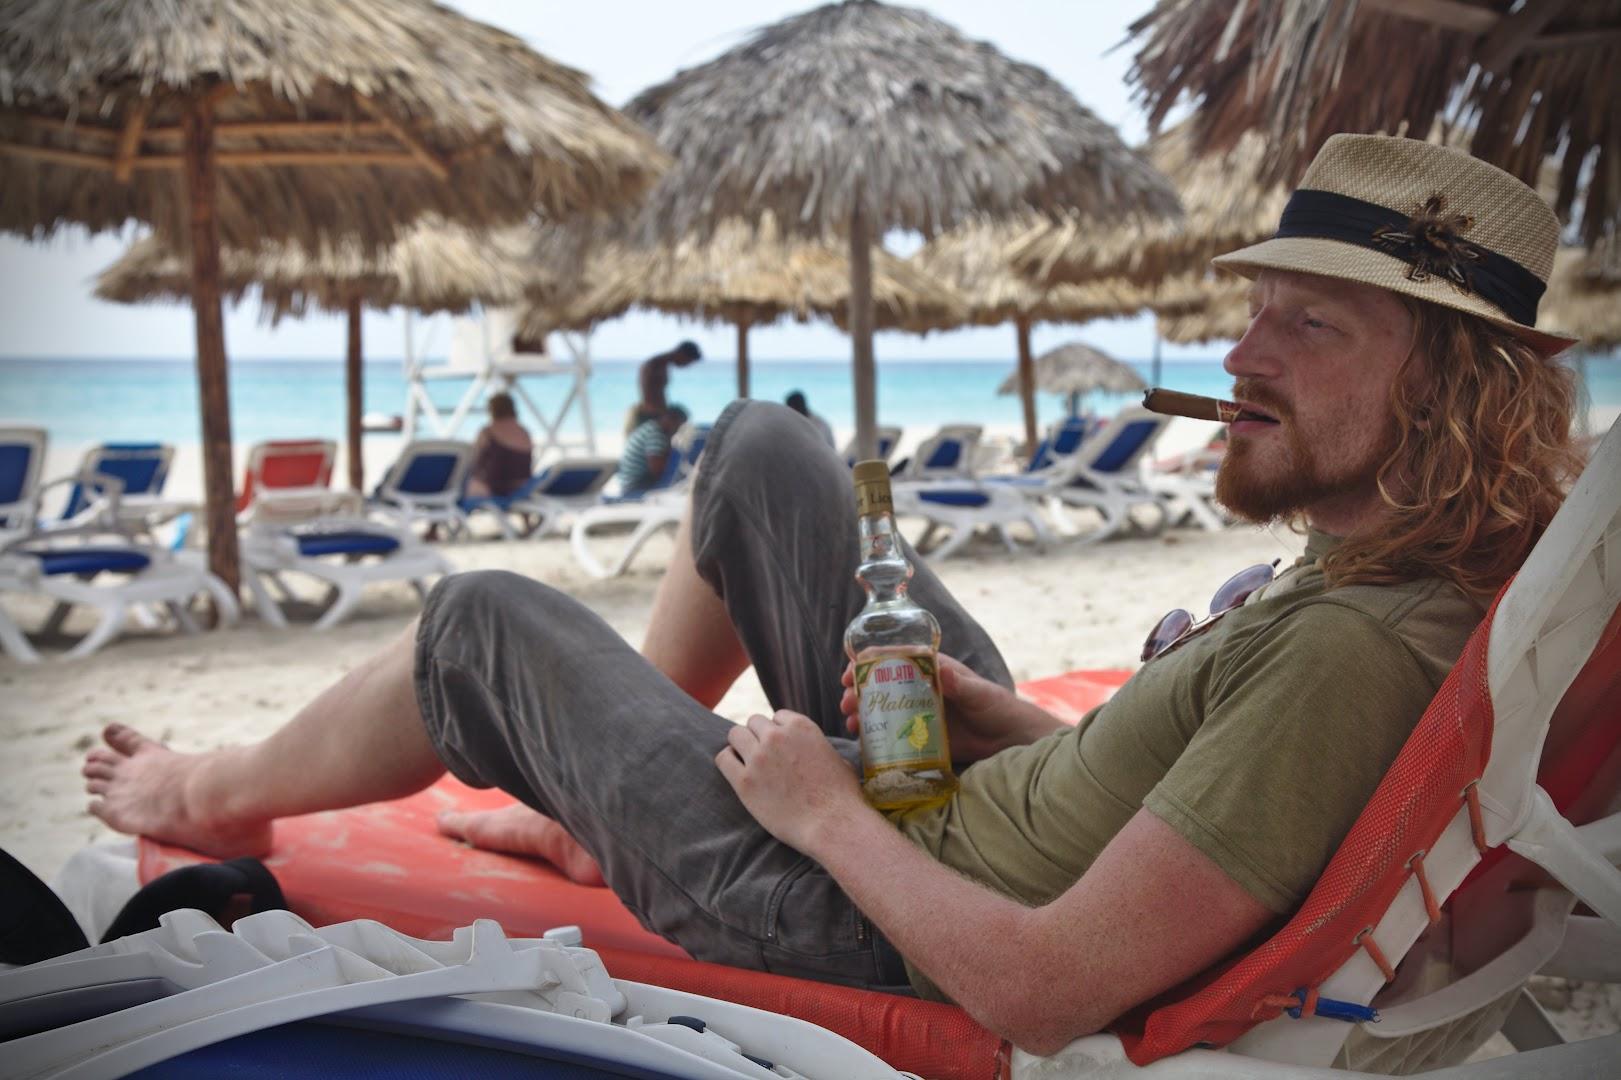 Cuban way of life